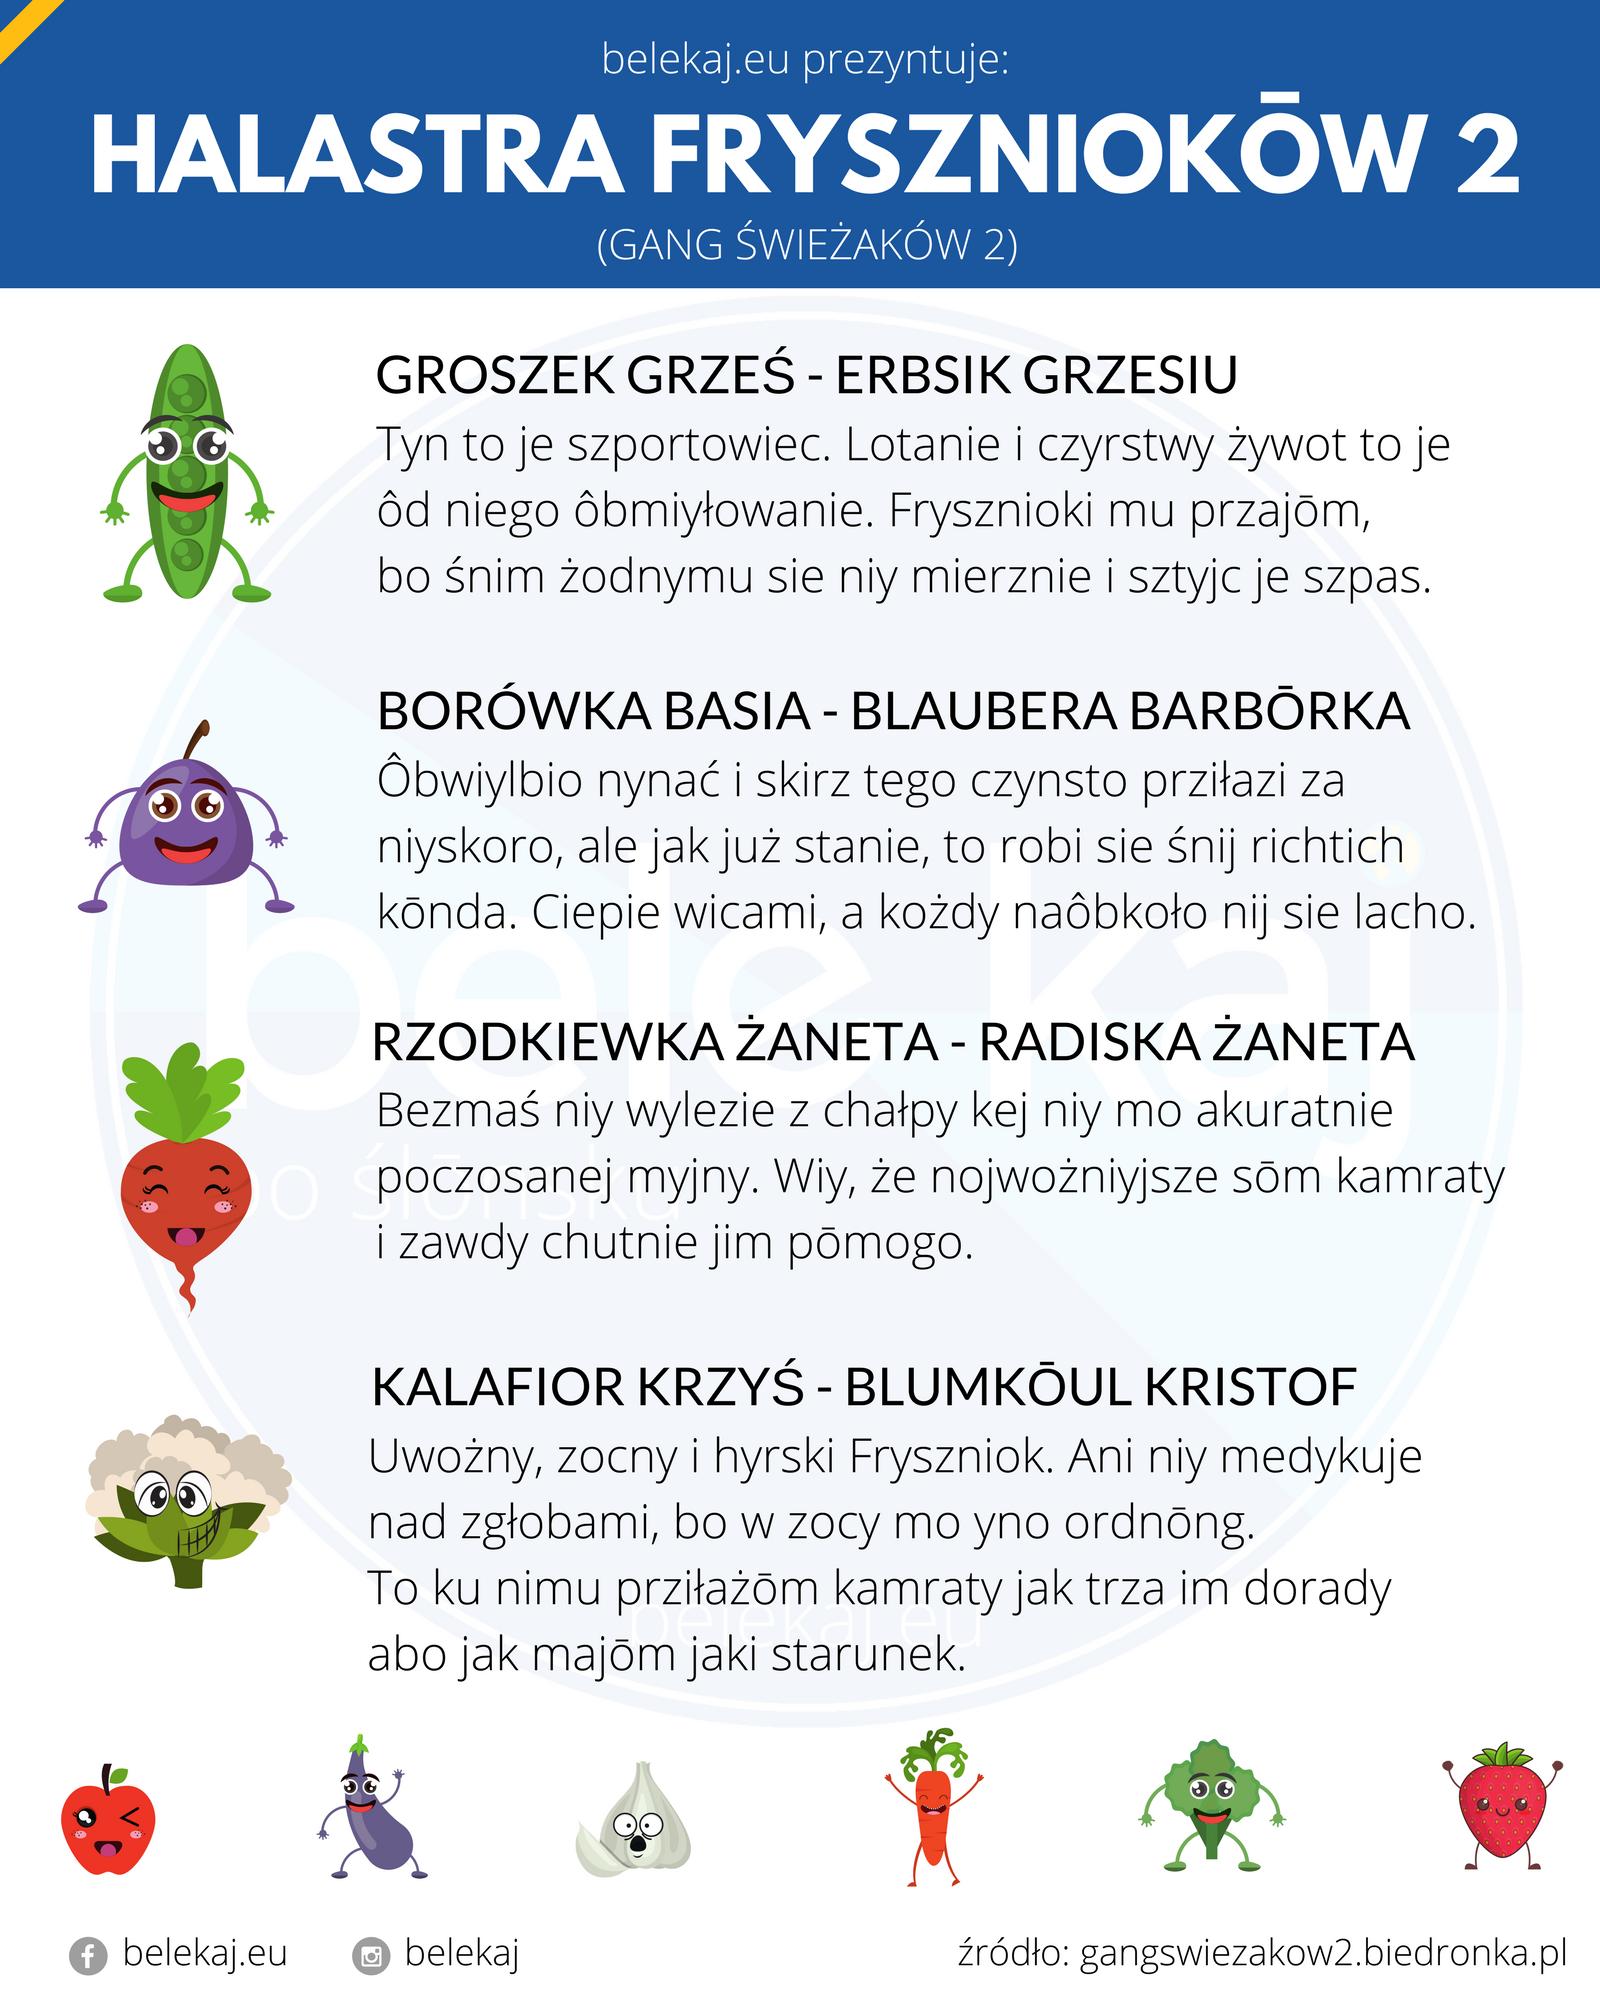 Halastra Fryszniokōw - Gang Świeżaków po śląsku